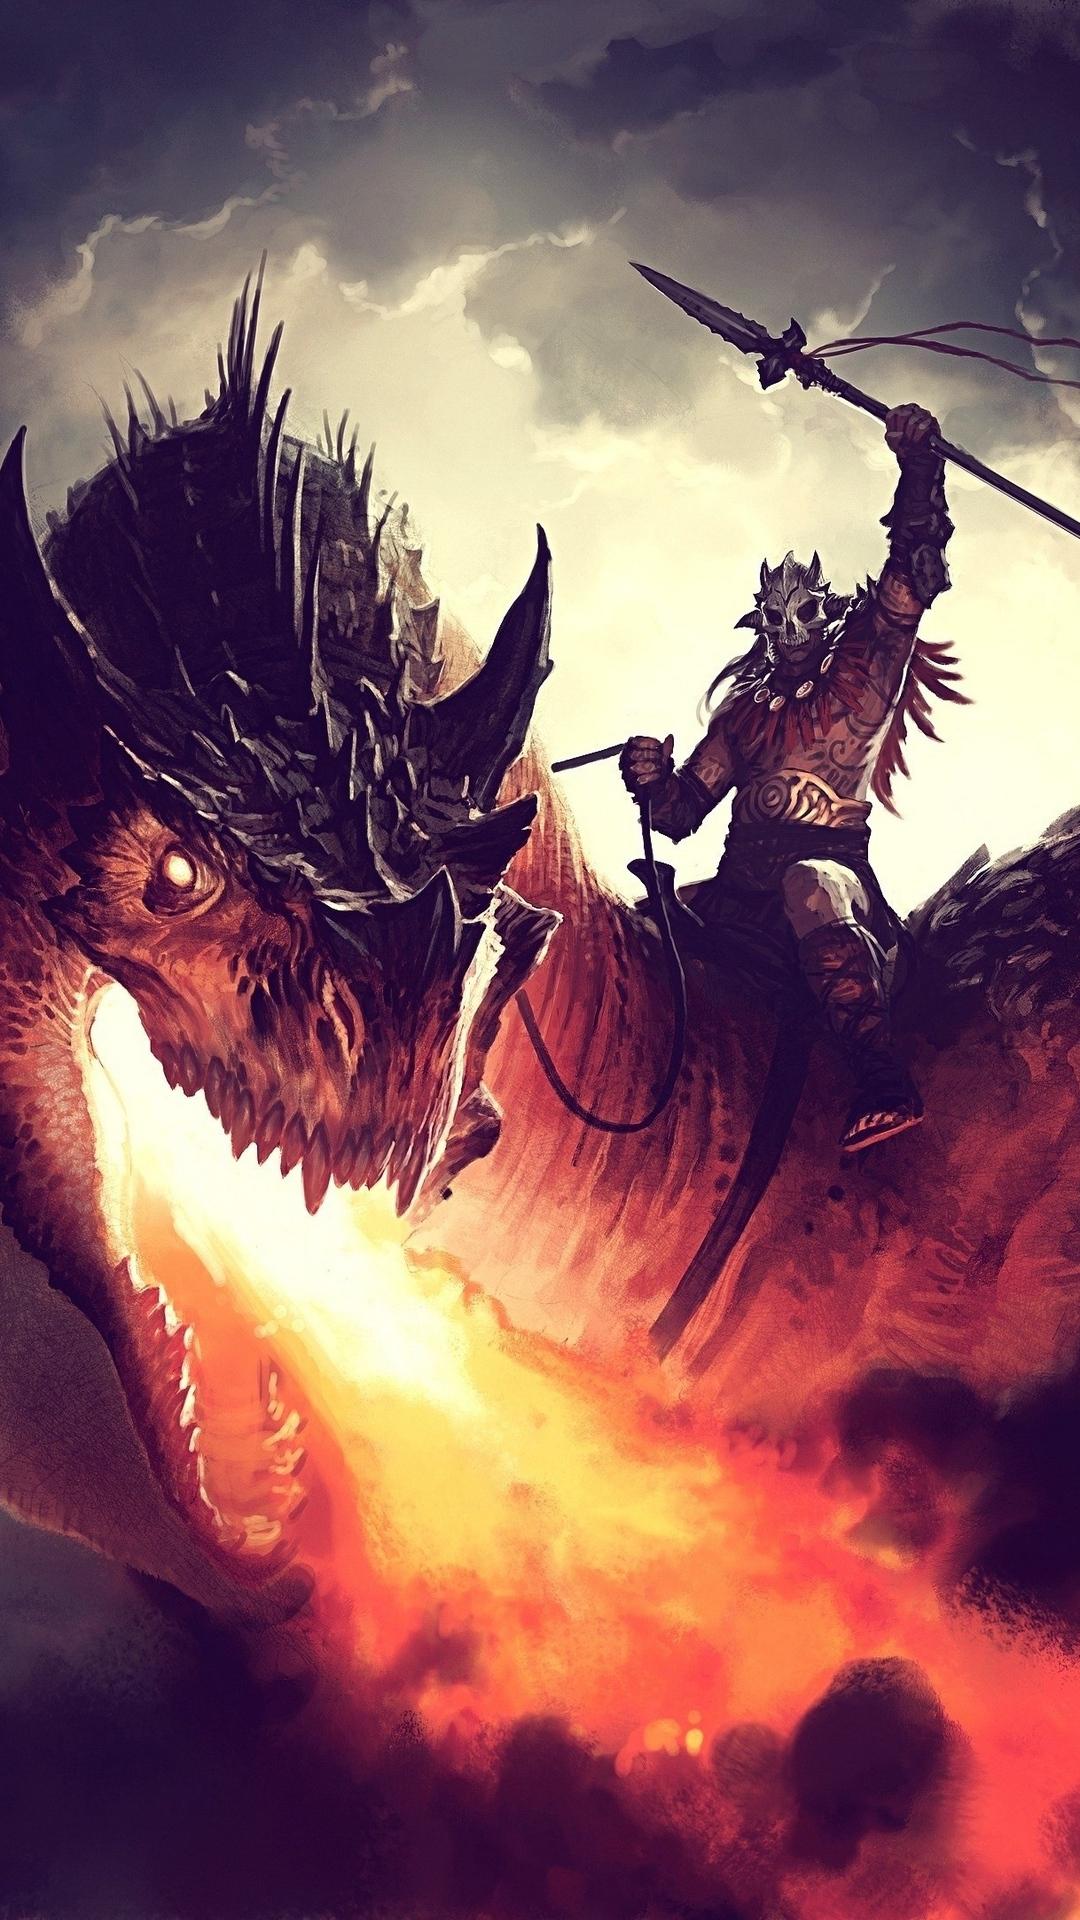 Hình nền kị sĩ rồng